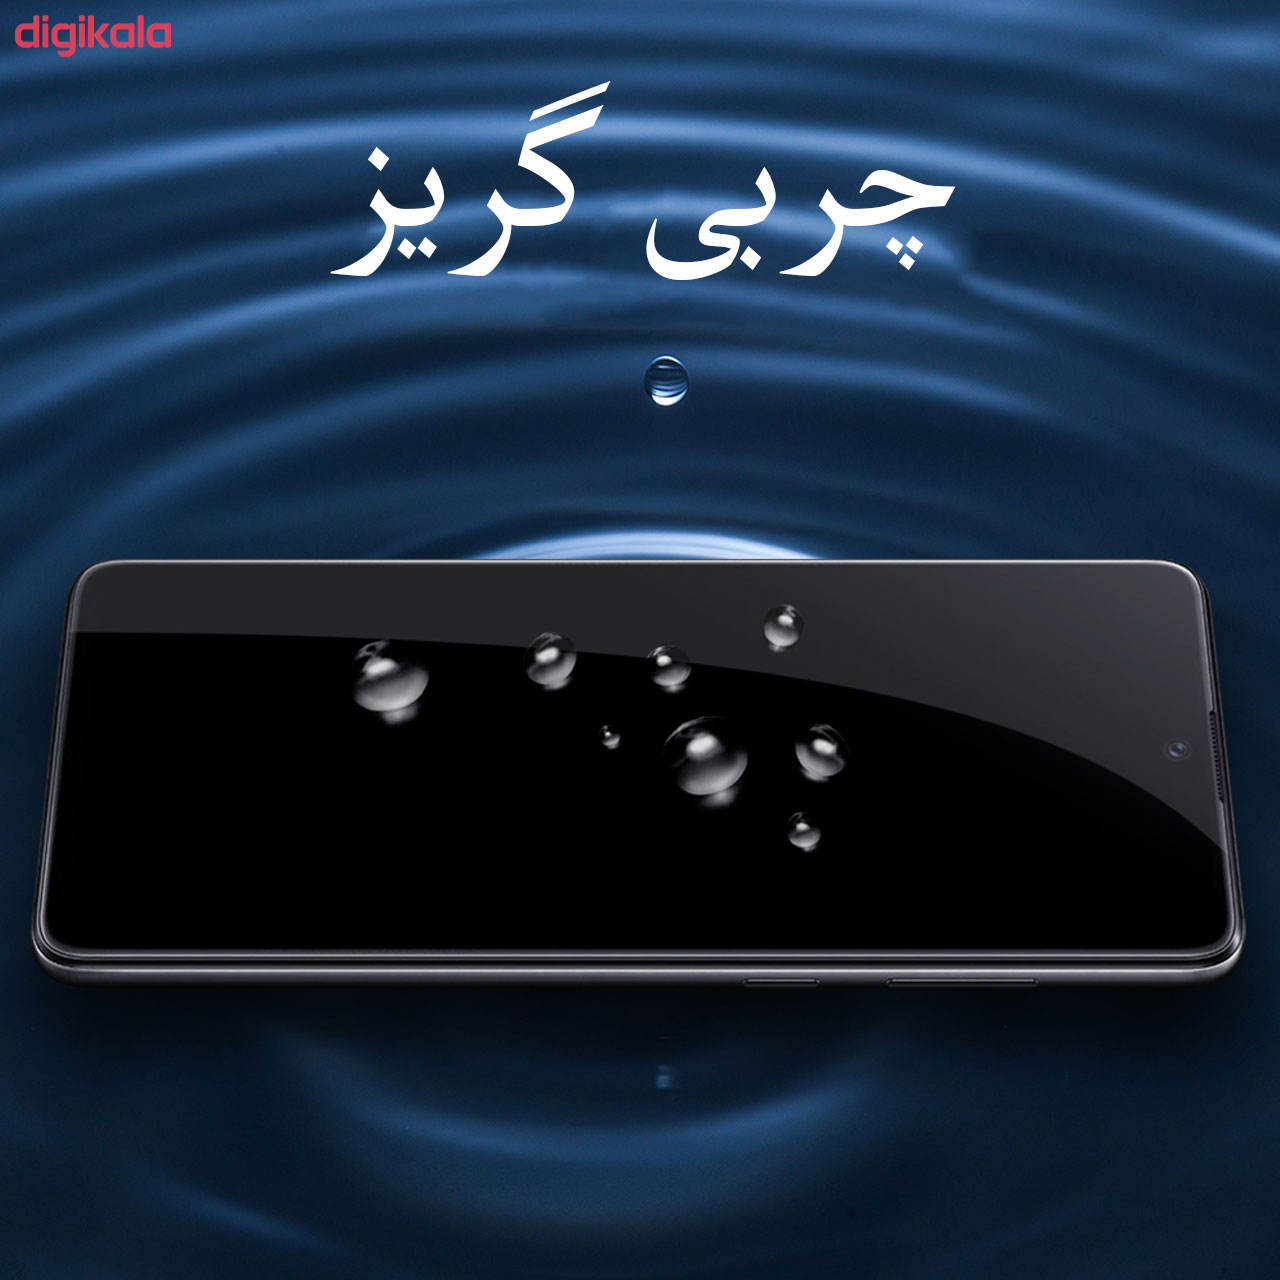 محافظ صفحه نمایش مدل FCG مناسب برای گوشی موبایل شیائومی Redmi Note 9S main 1 1